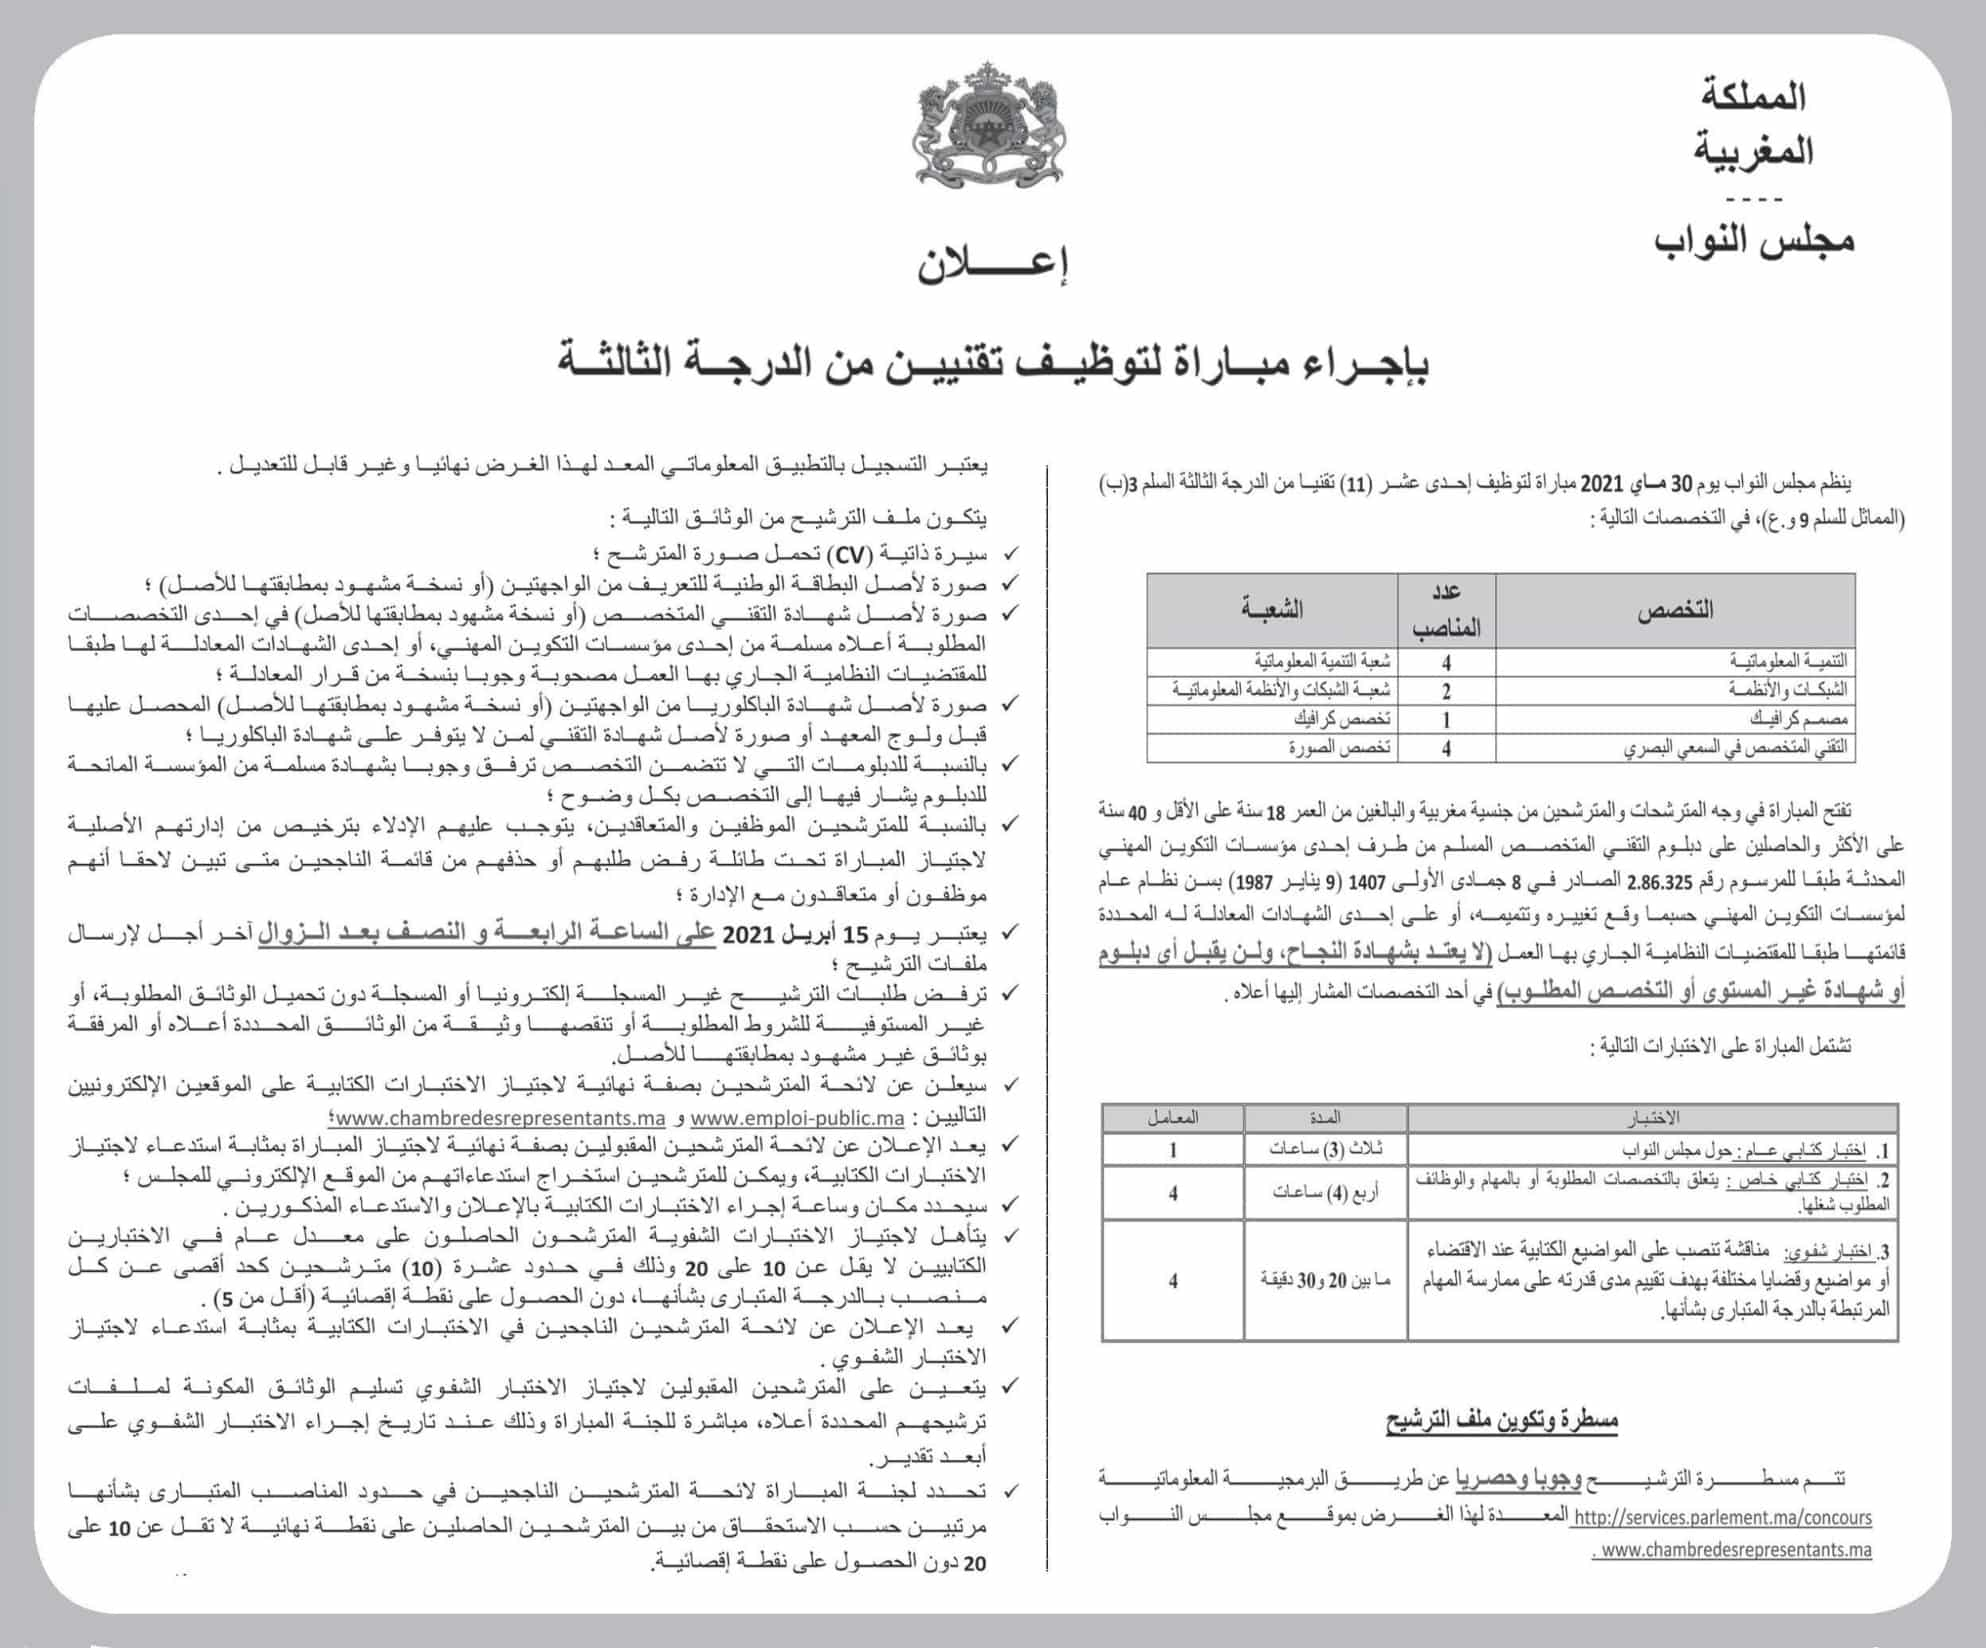 avis de concours pdf chambre representants 2021 1 Résultats Concours Chambre des Représentants 2021 (52 Postes)